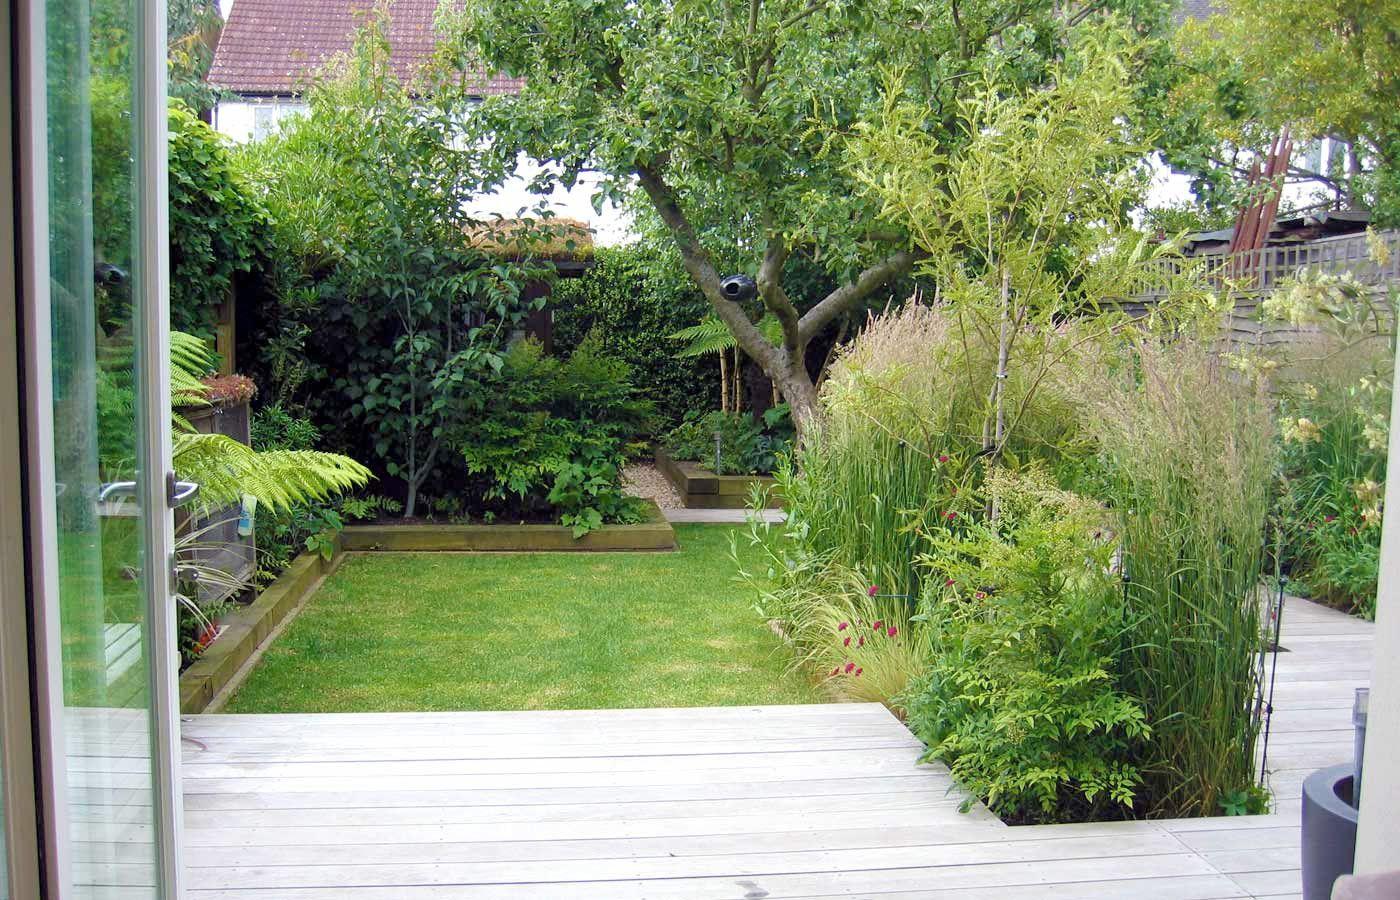 Pin von Carl Bjerkert auf gardening Pinterest